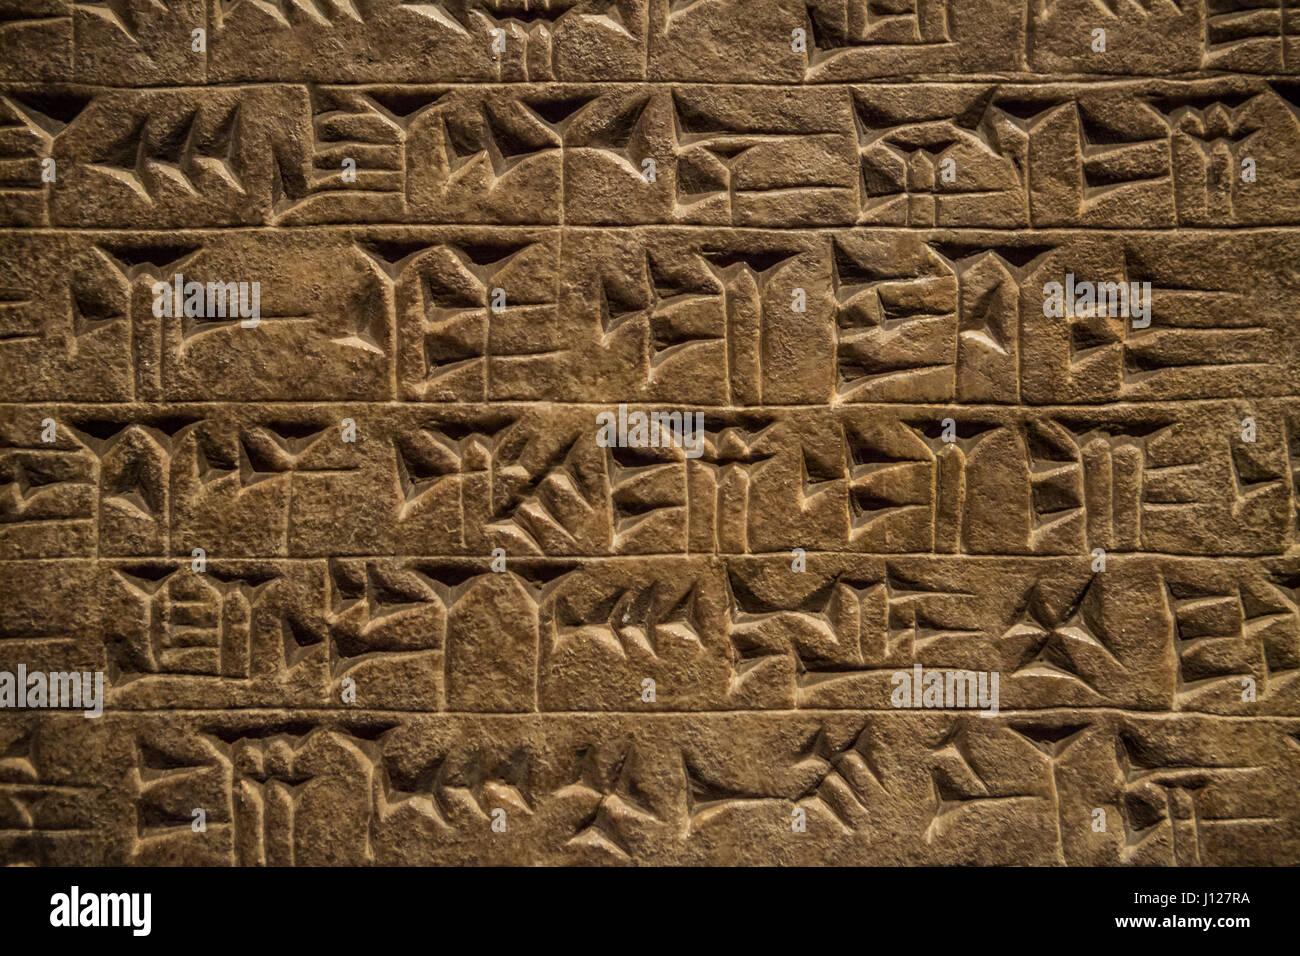 Antiguo asirio cuneiforme. Museo Británico, Londres, Inglaterra. Imagen De Stock